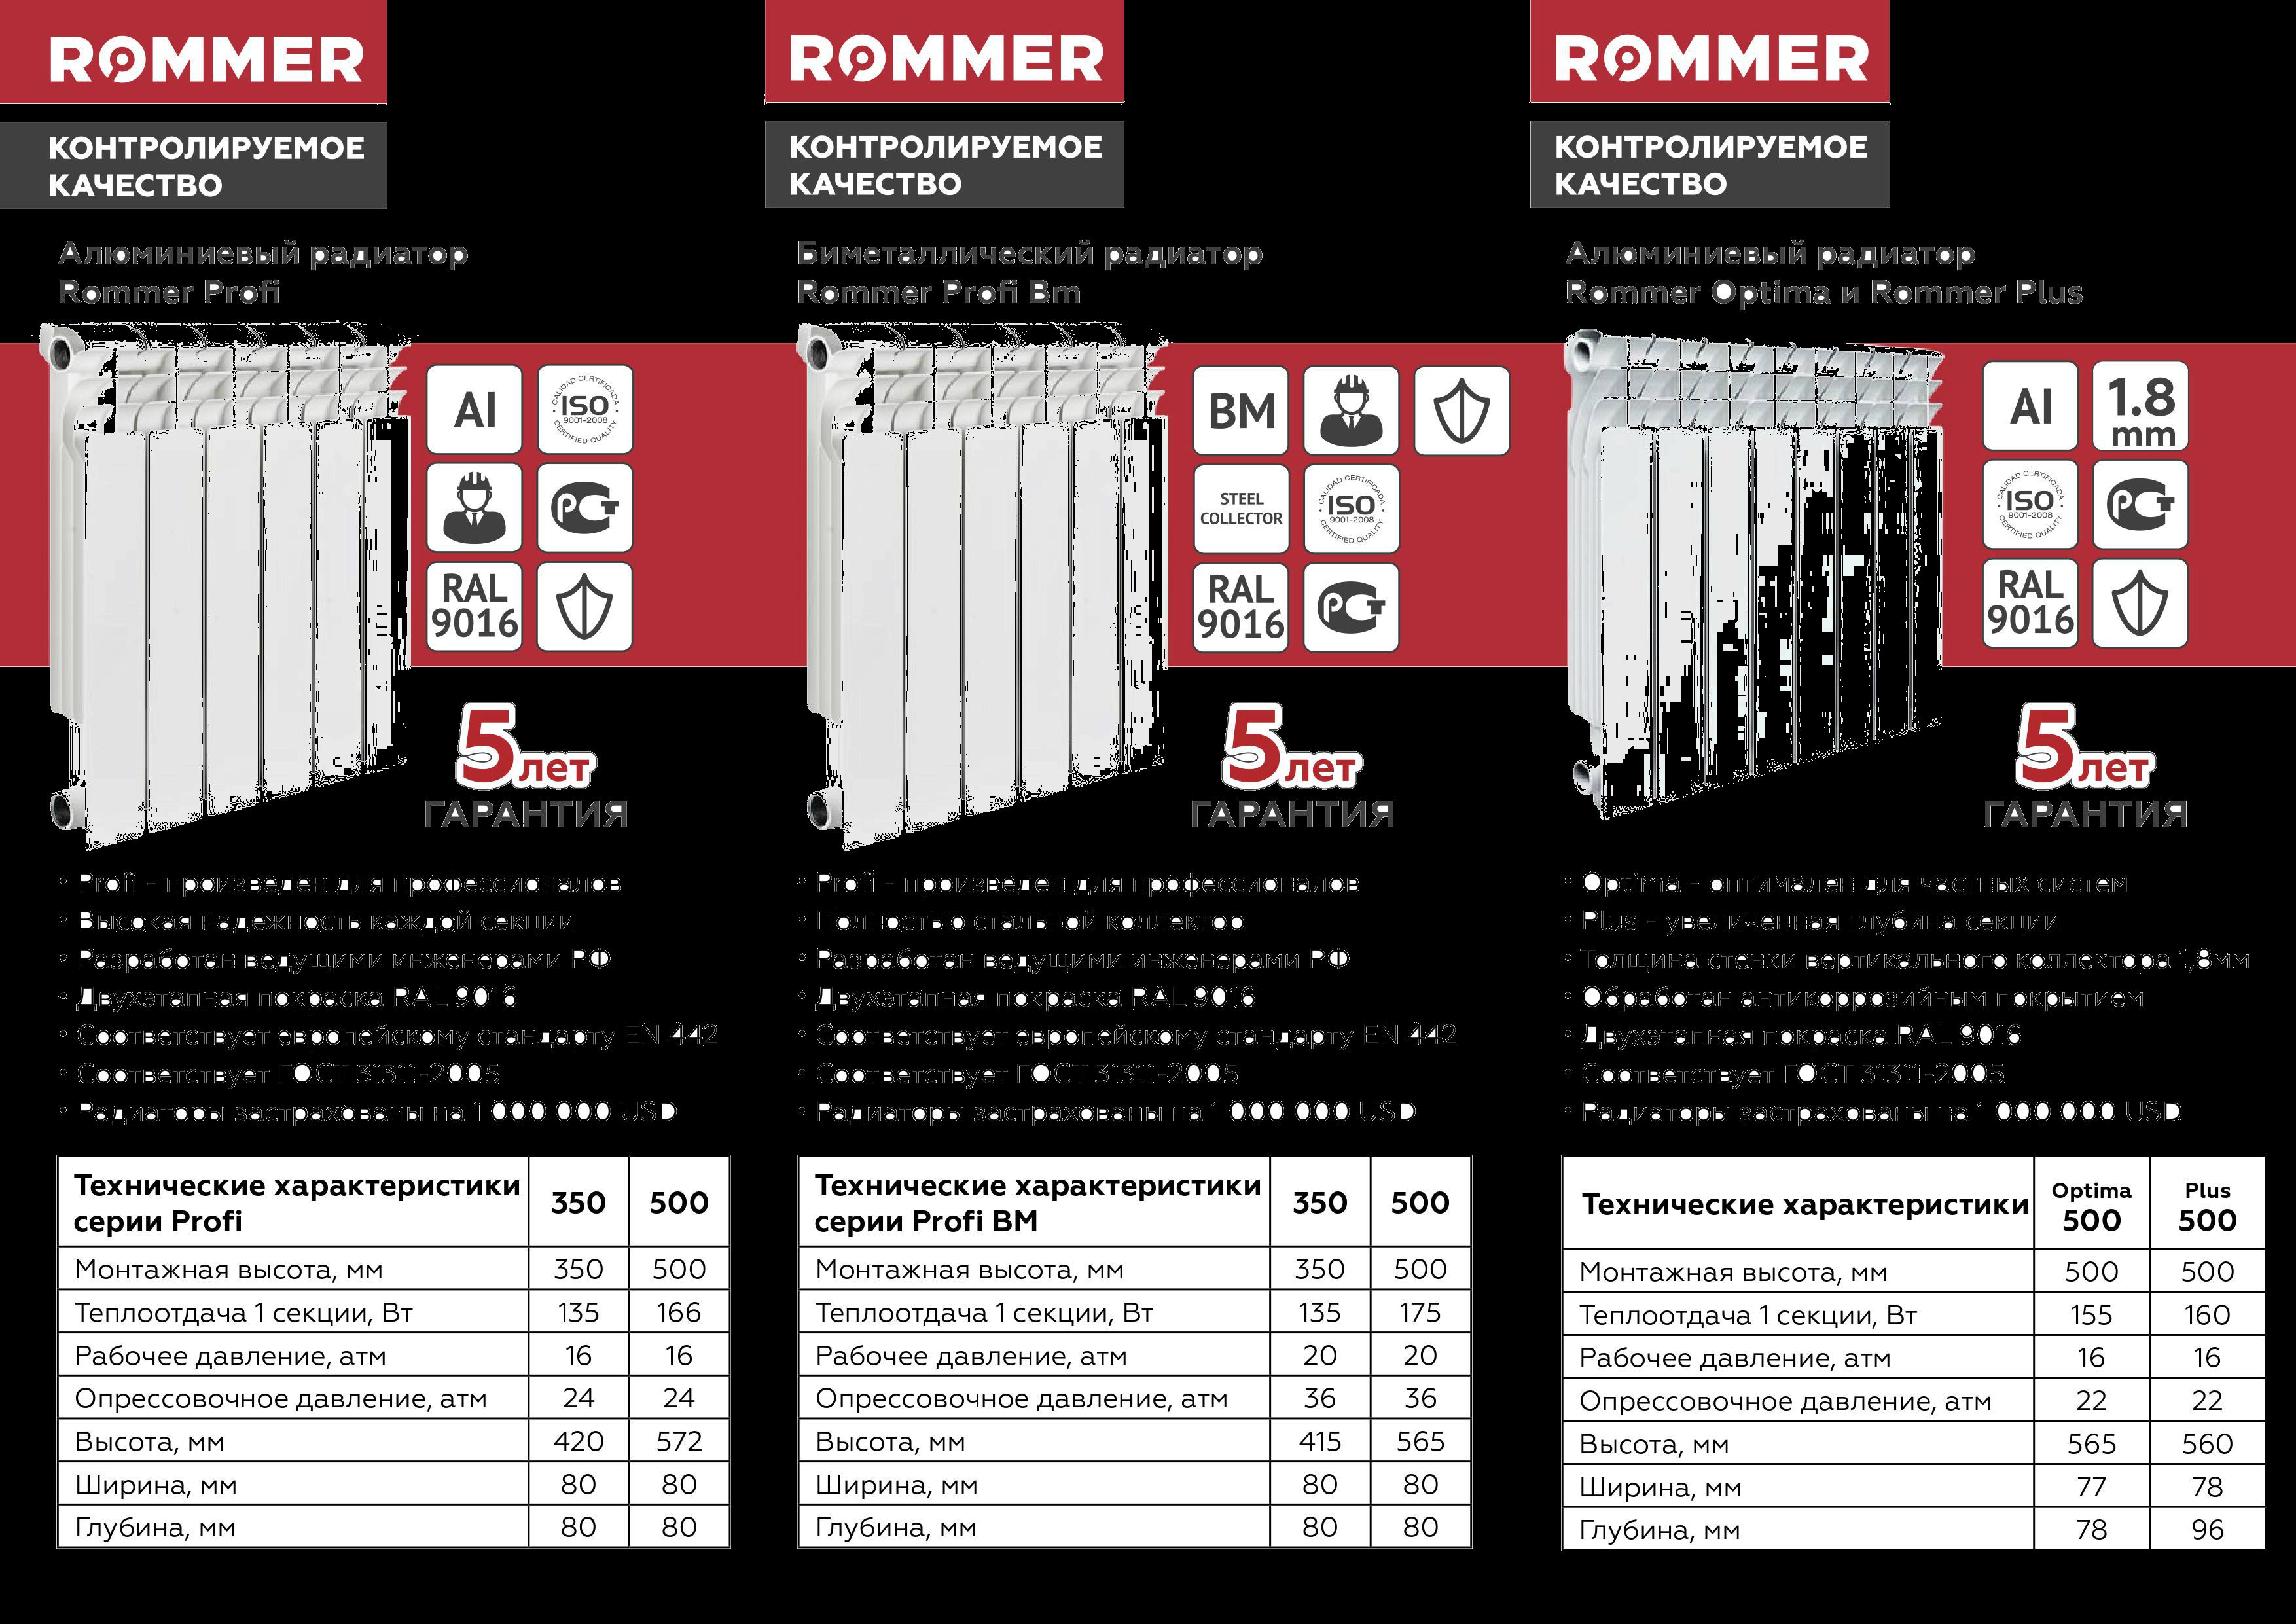 Лучше всего обогреют дом радиаторы отопления биметаллические: с легкостью алюминия и долговечностью стали